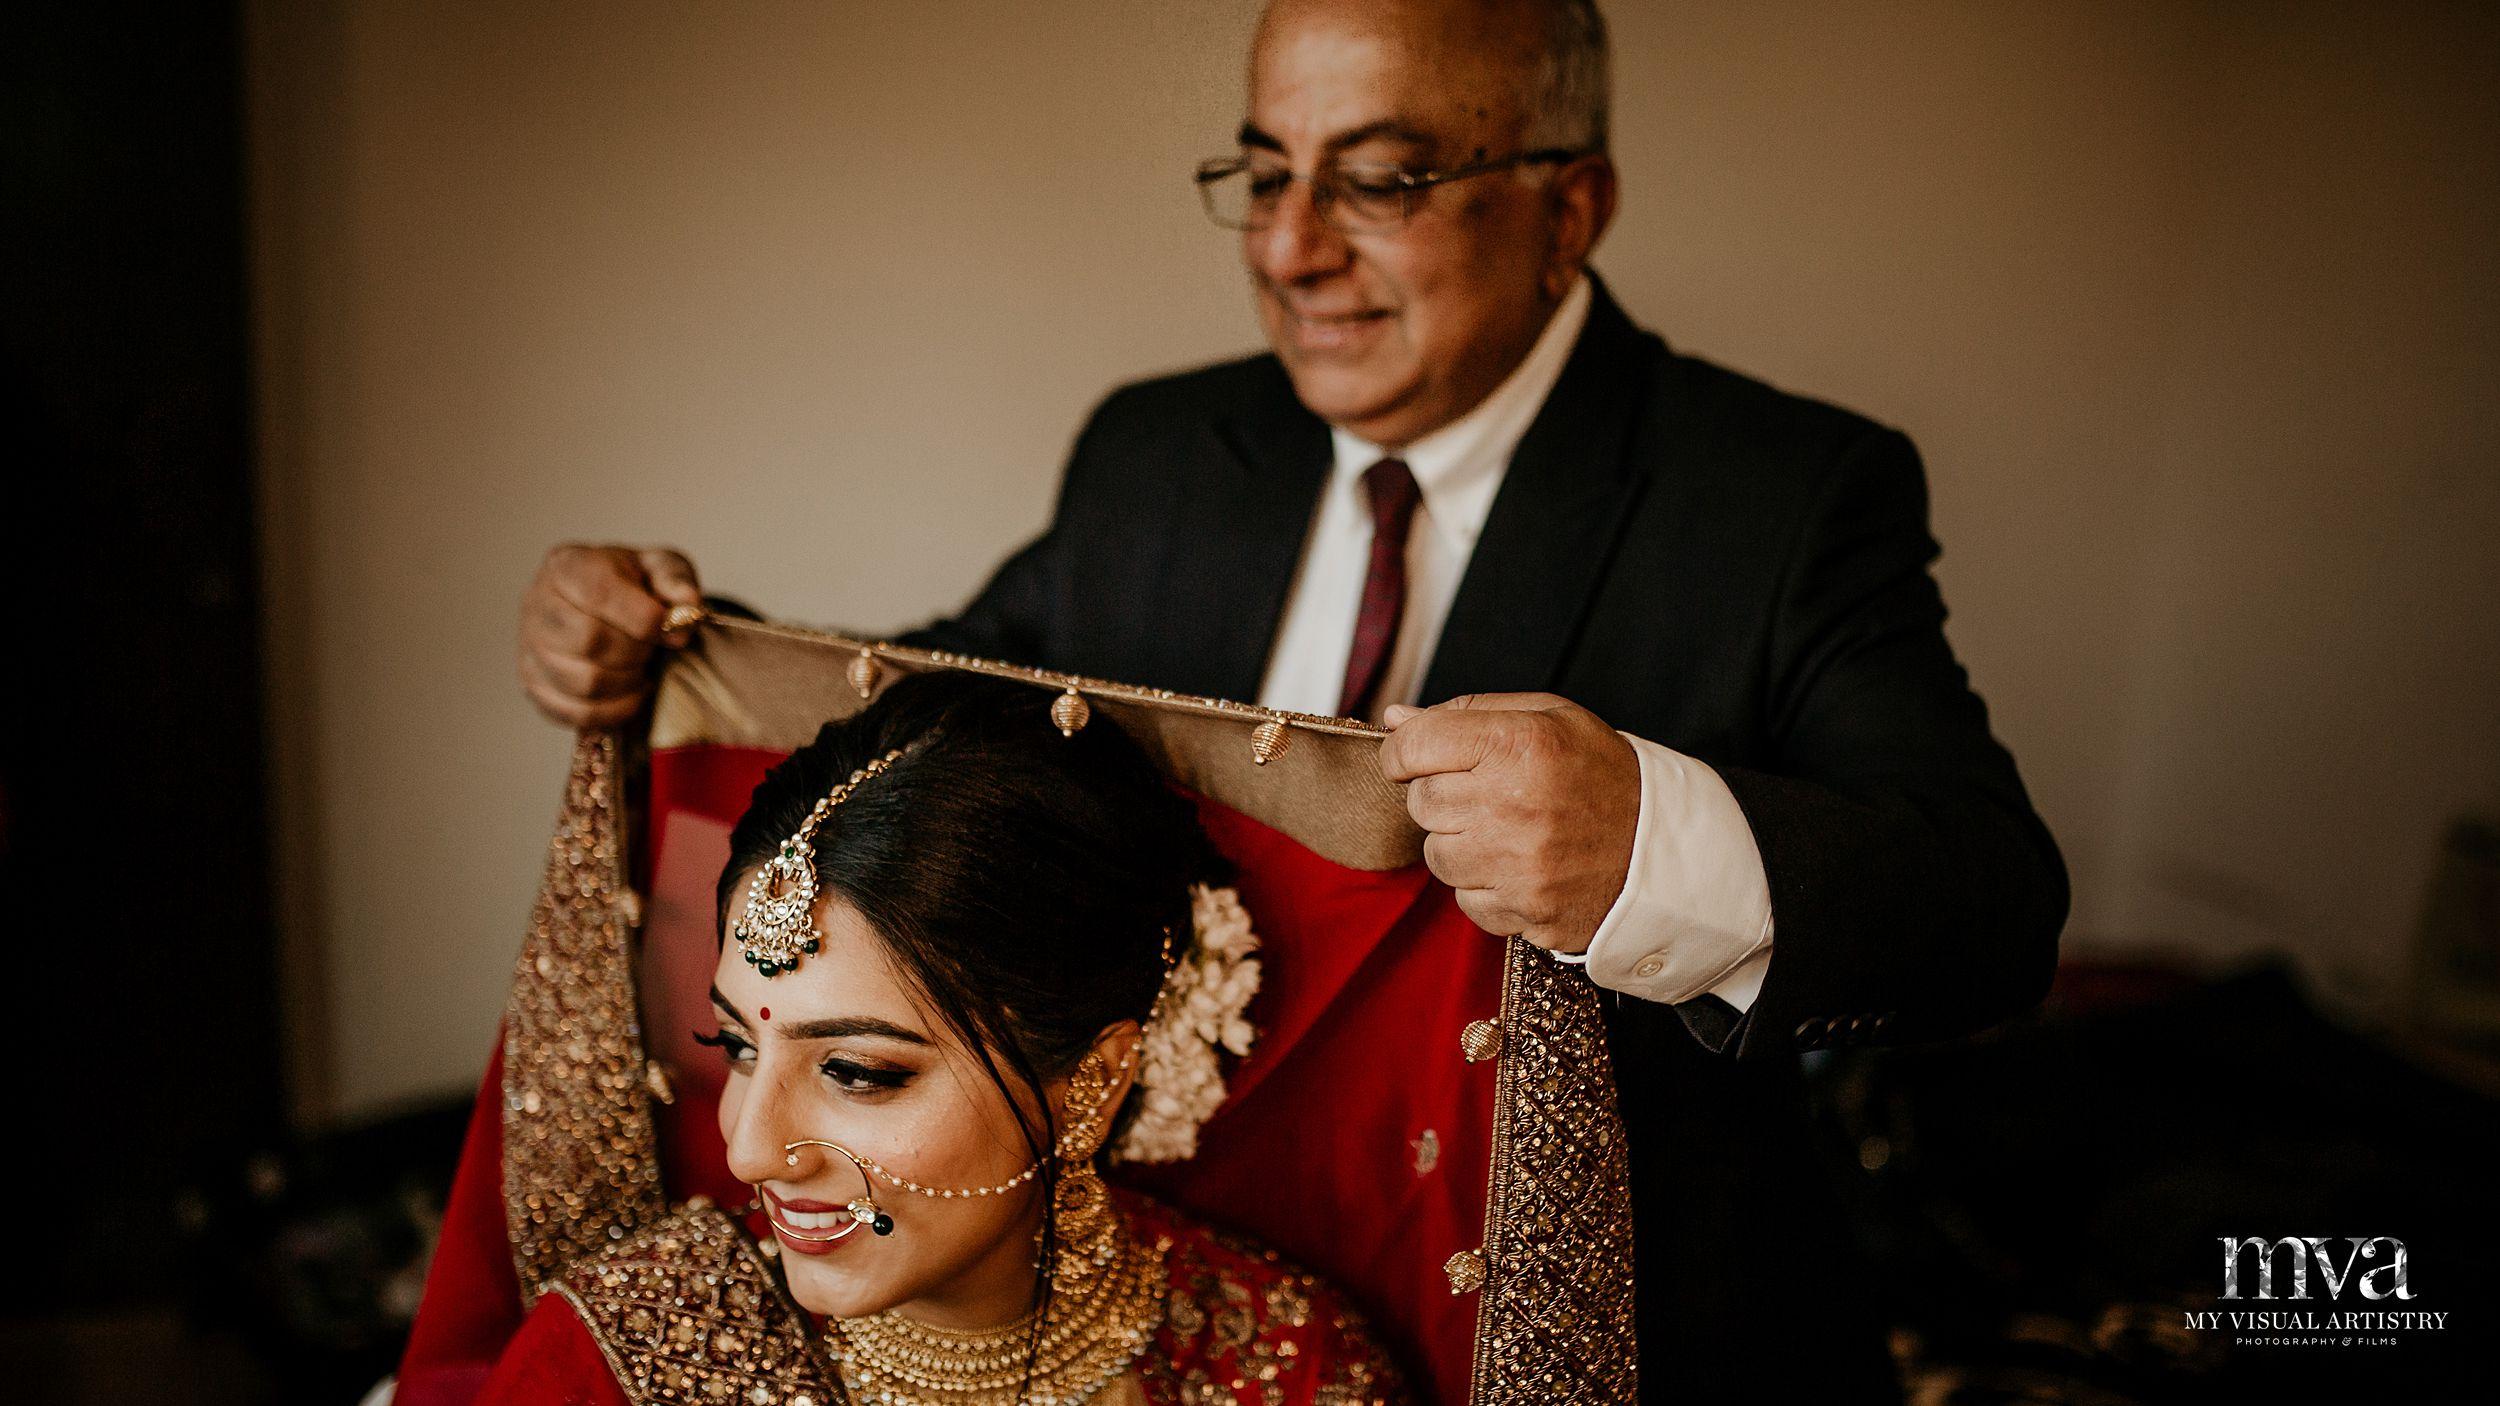 anant_arundhati_myvisualartistry_mva_wedding_sikh_ - 235.jpg